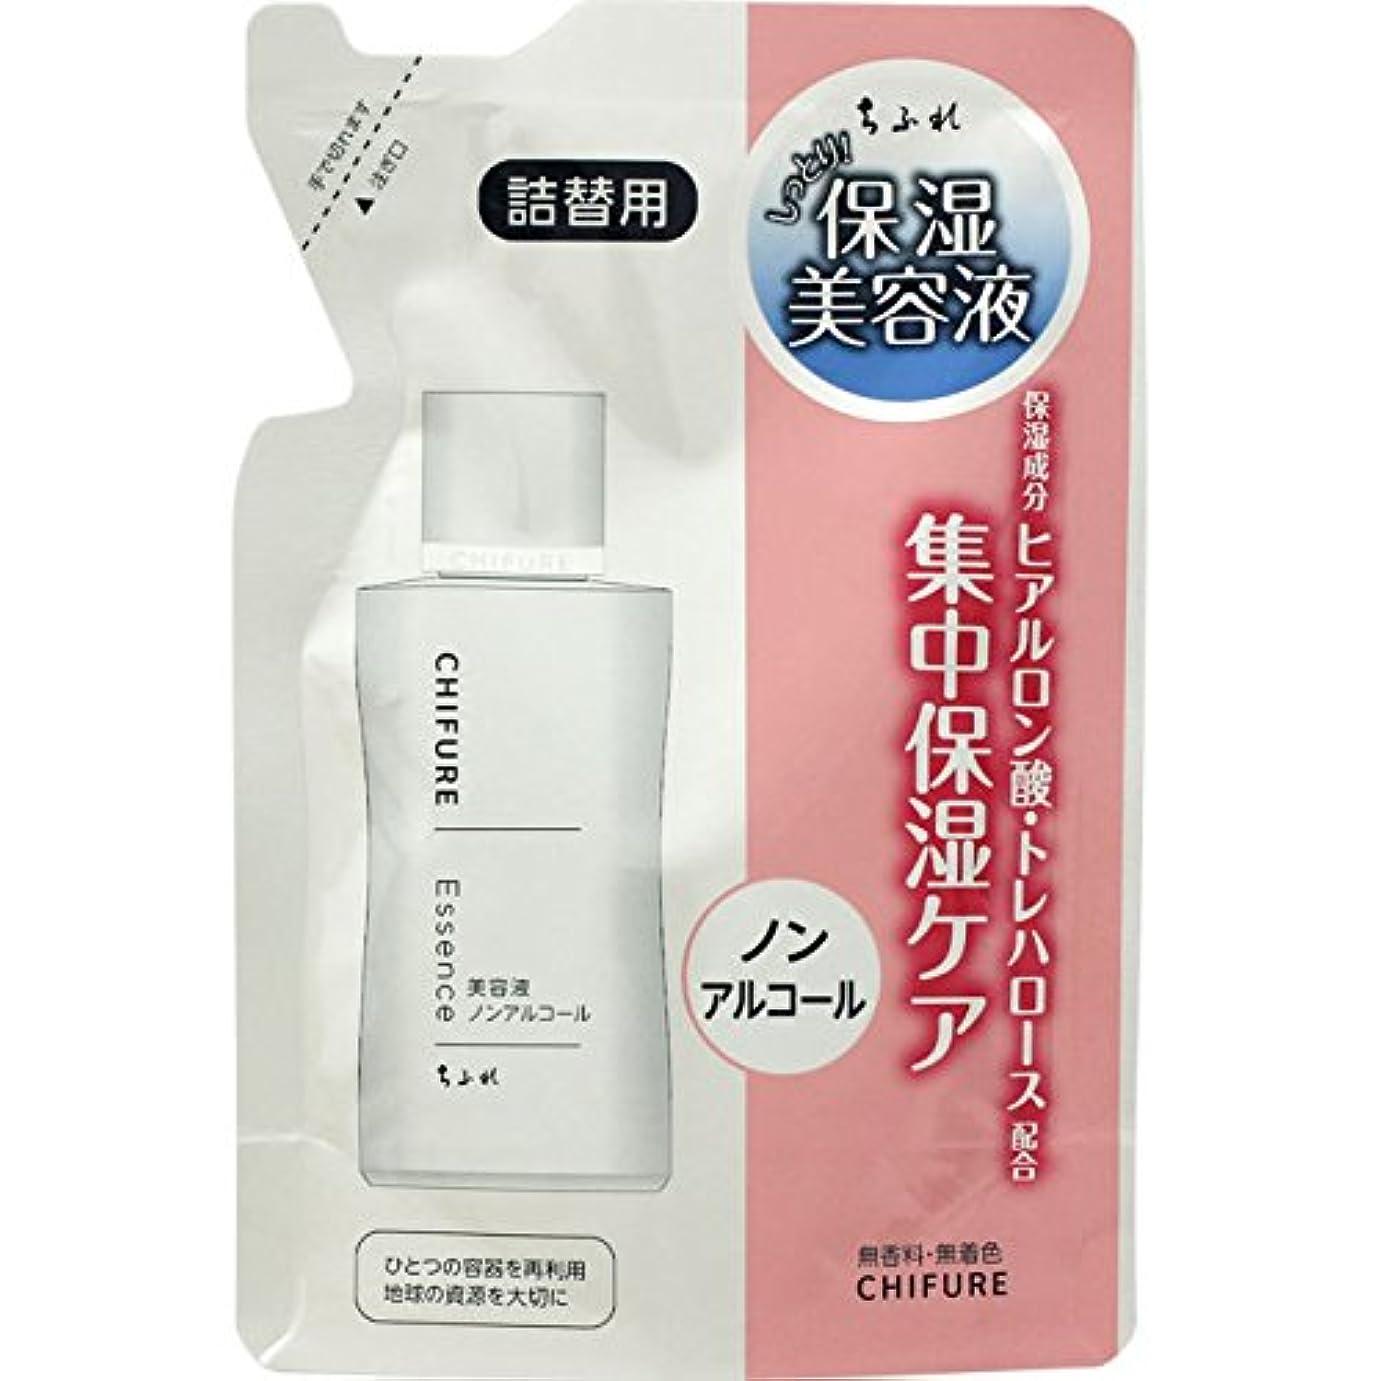 セイはさておき拡張素子ちふれ化粧品 ちふれ 美容液 ノンアルコールタイプ 詰替用 45ML